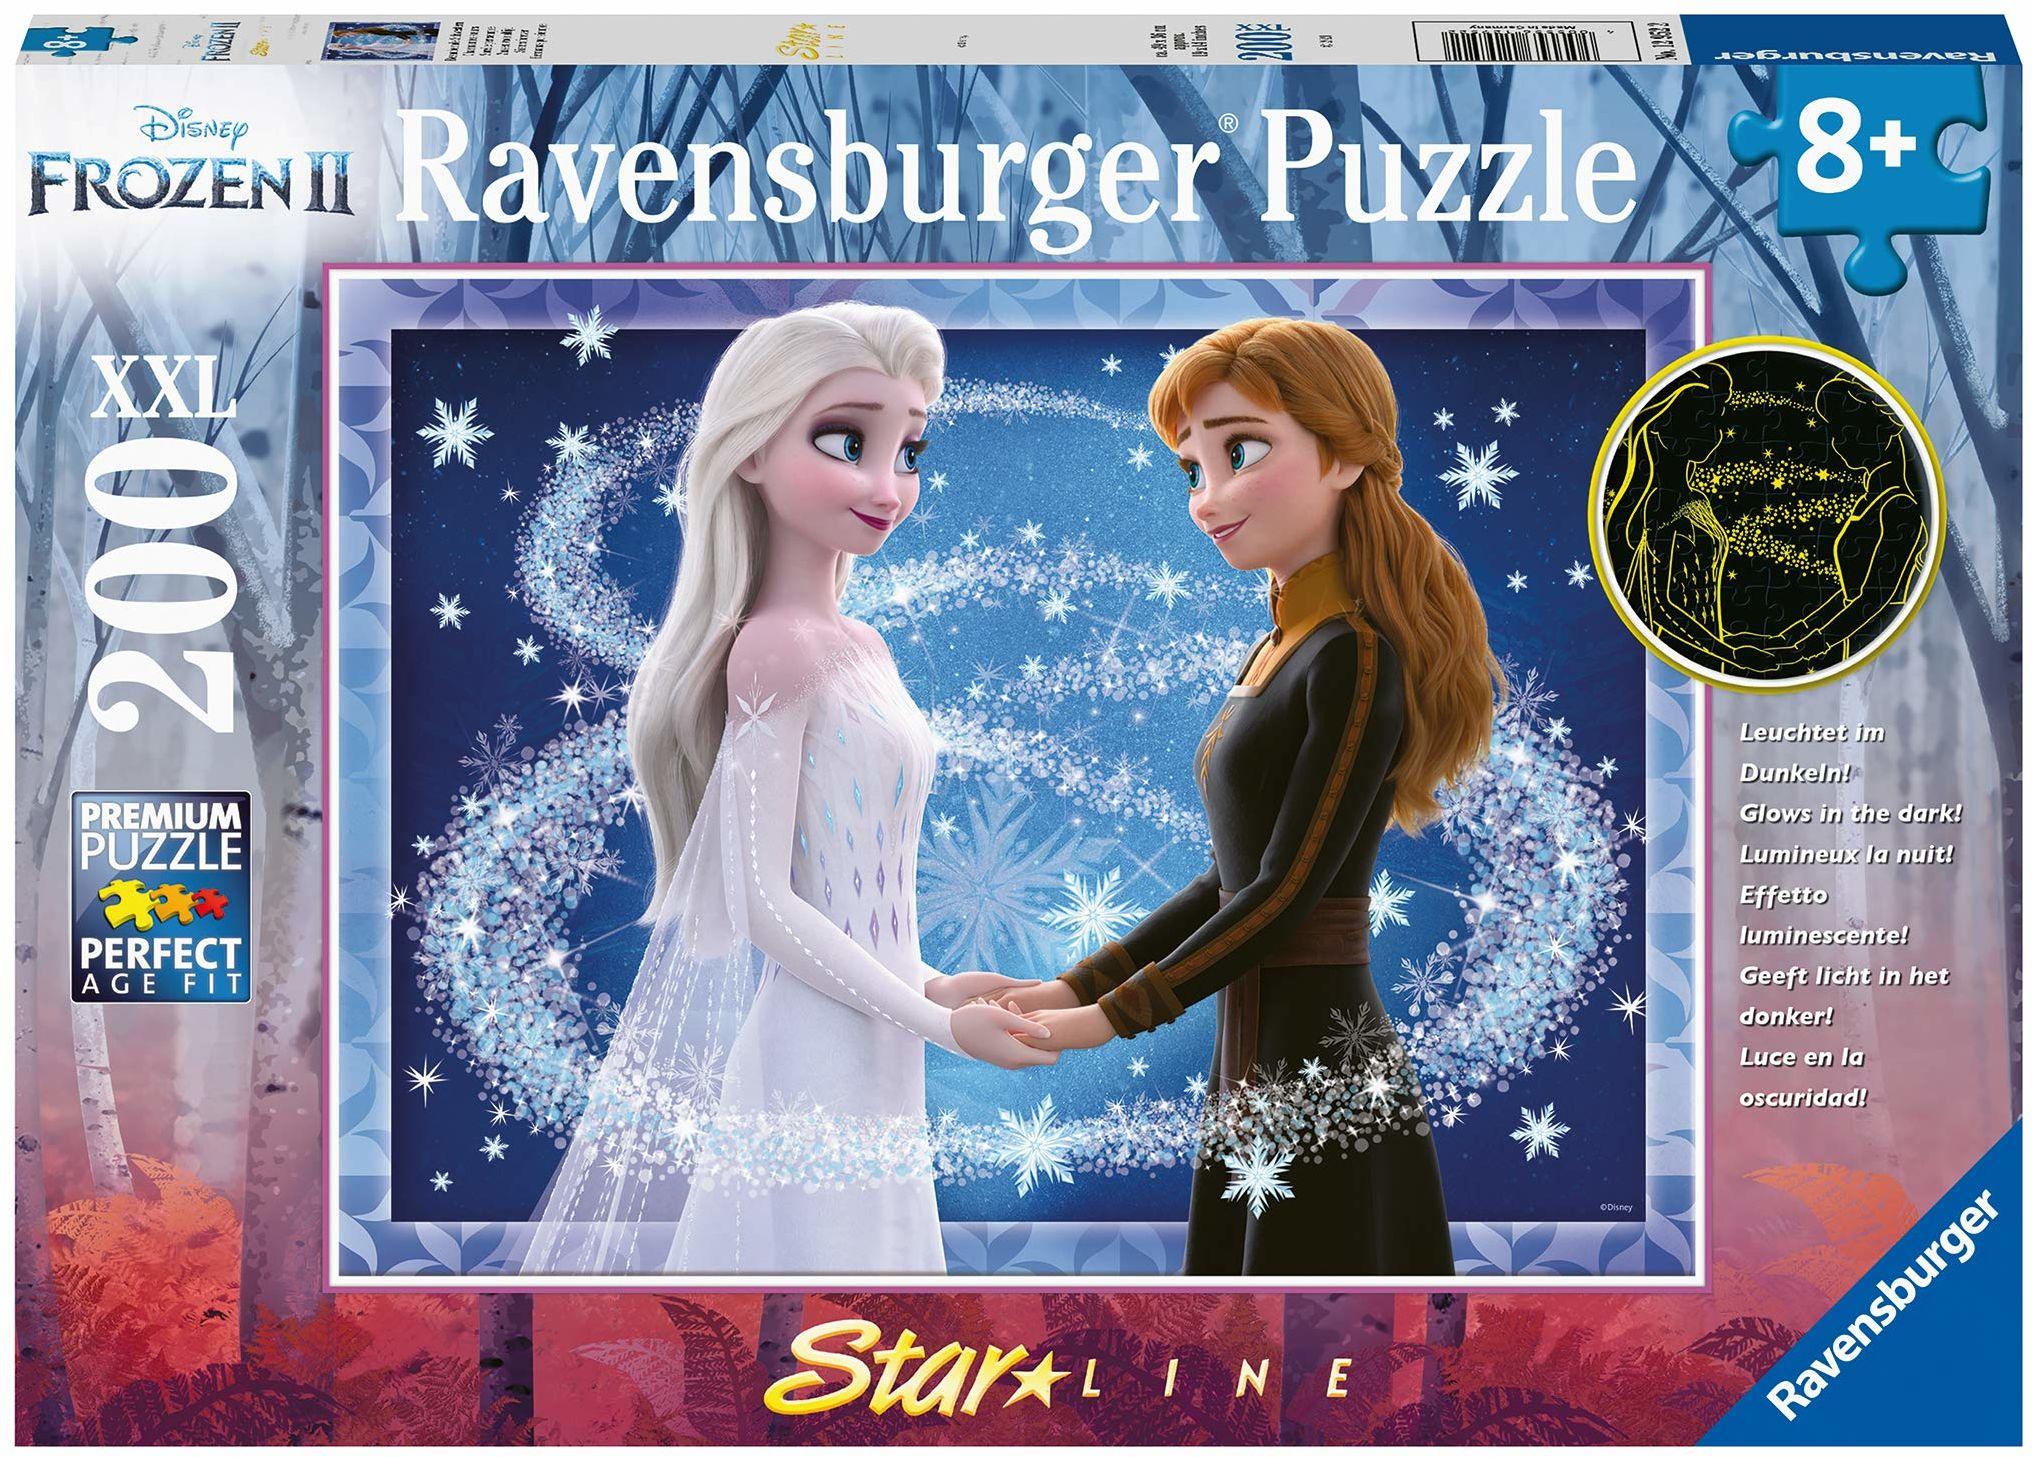 Ravensburger Puzzle 12952 Ravensburger Kraina Lodu 2 200 Elementów Puzzle Dla Dzieci (12952) Unikalne Elementy, Technologia Softclick - Klocki Pasują Idealnie